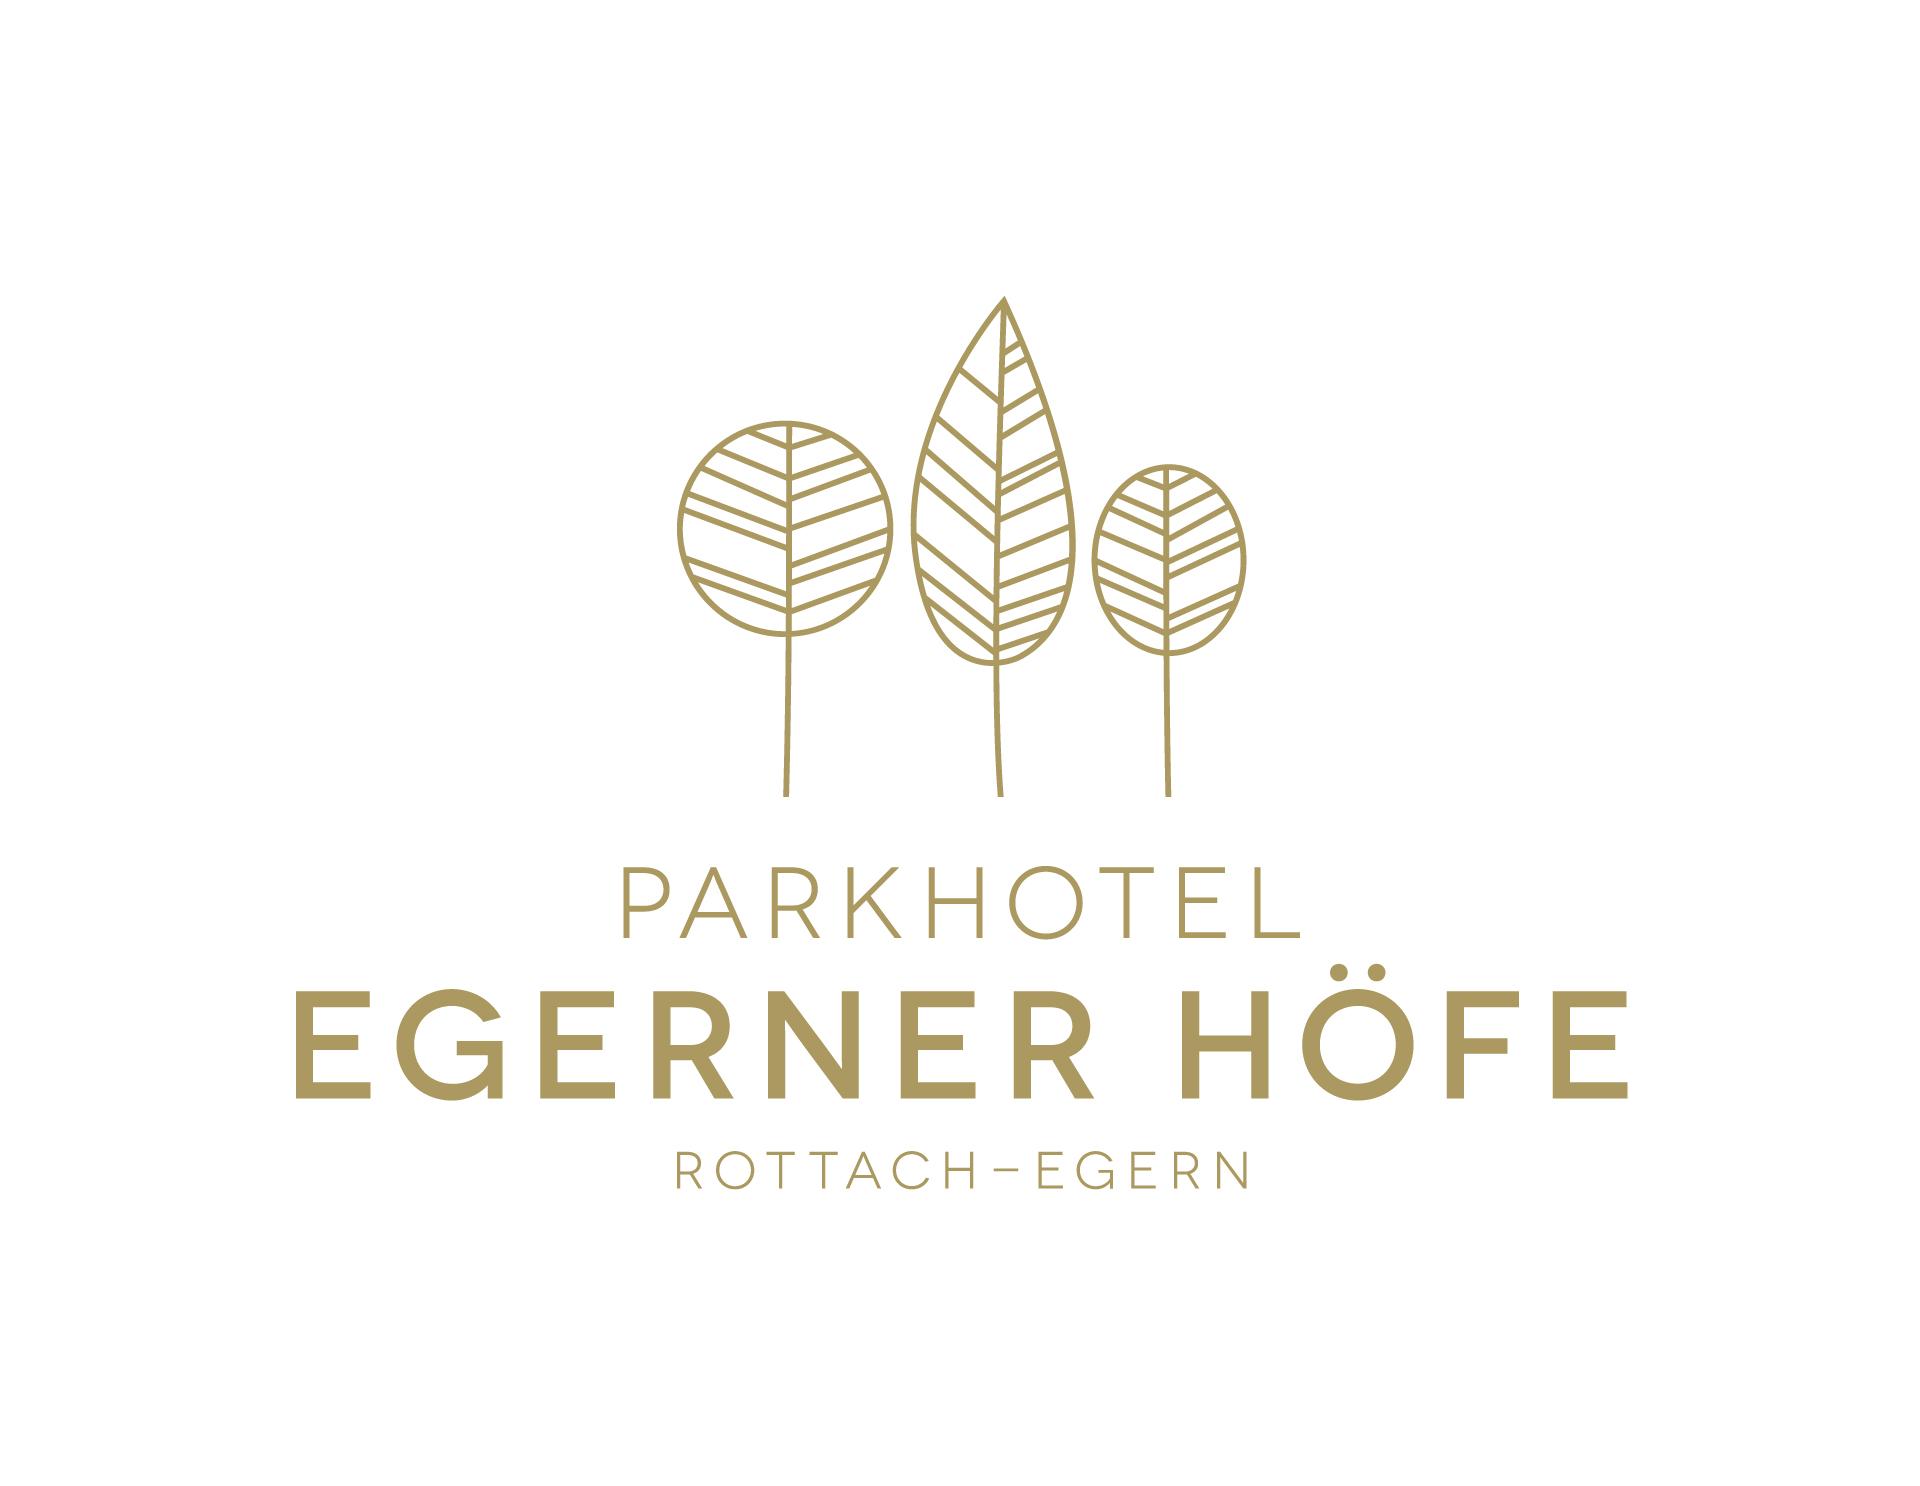 Parkhotel Egerner Hoefe Logo Gold CMYK